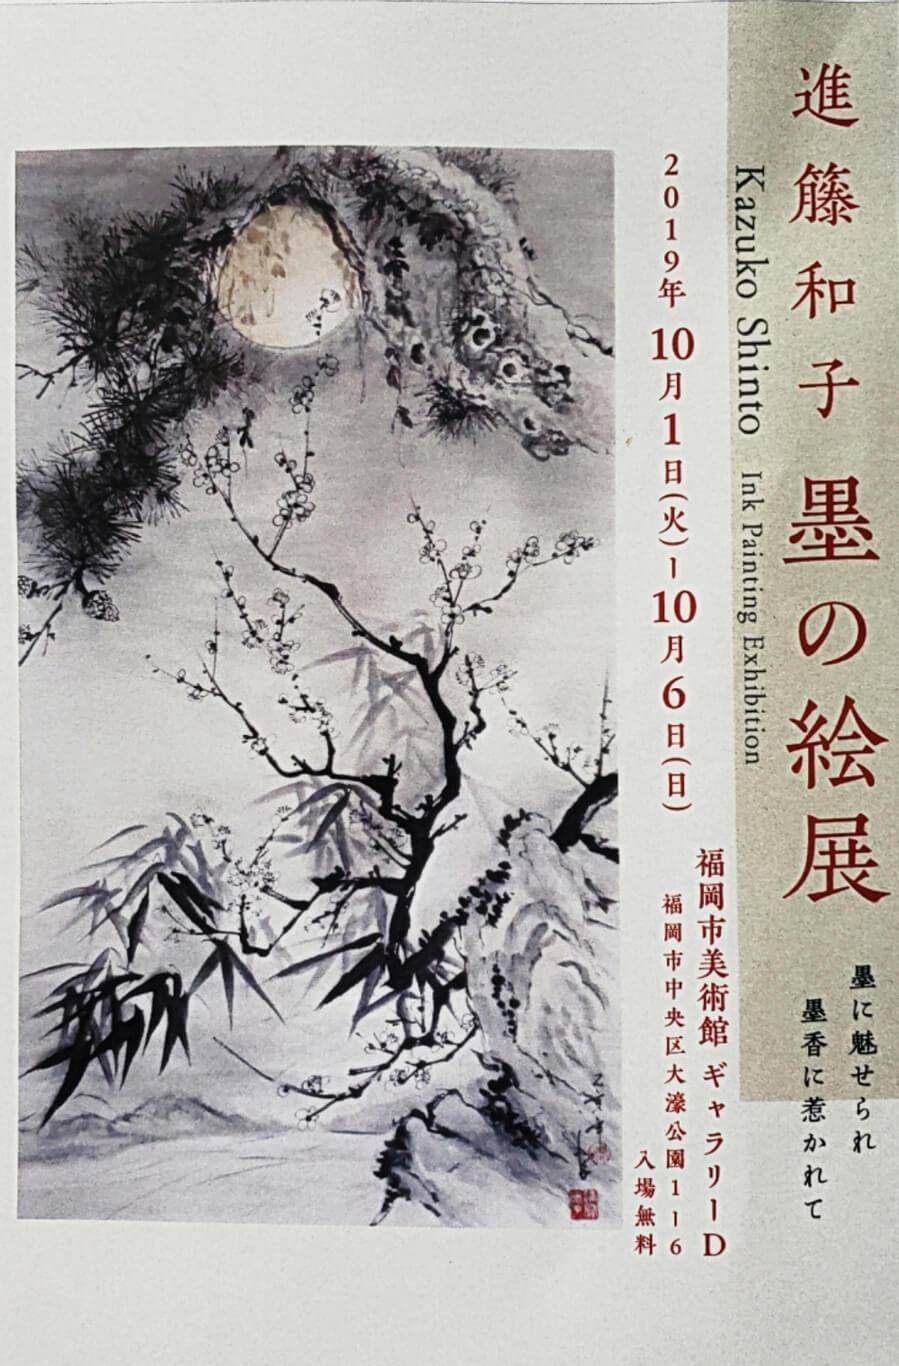 fam-201910-進籐和子-展覧会